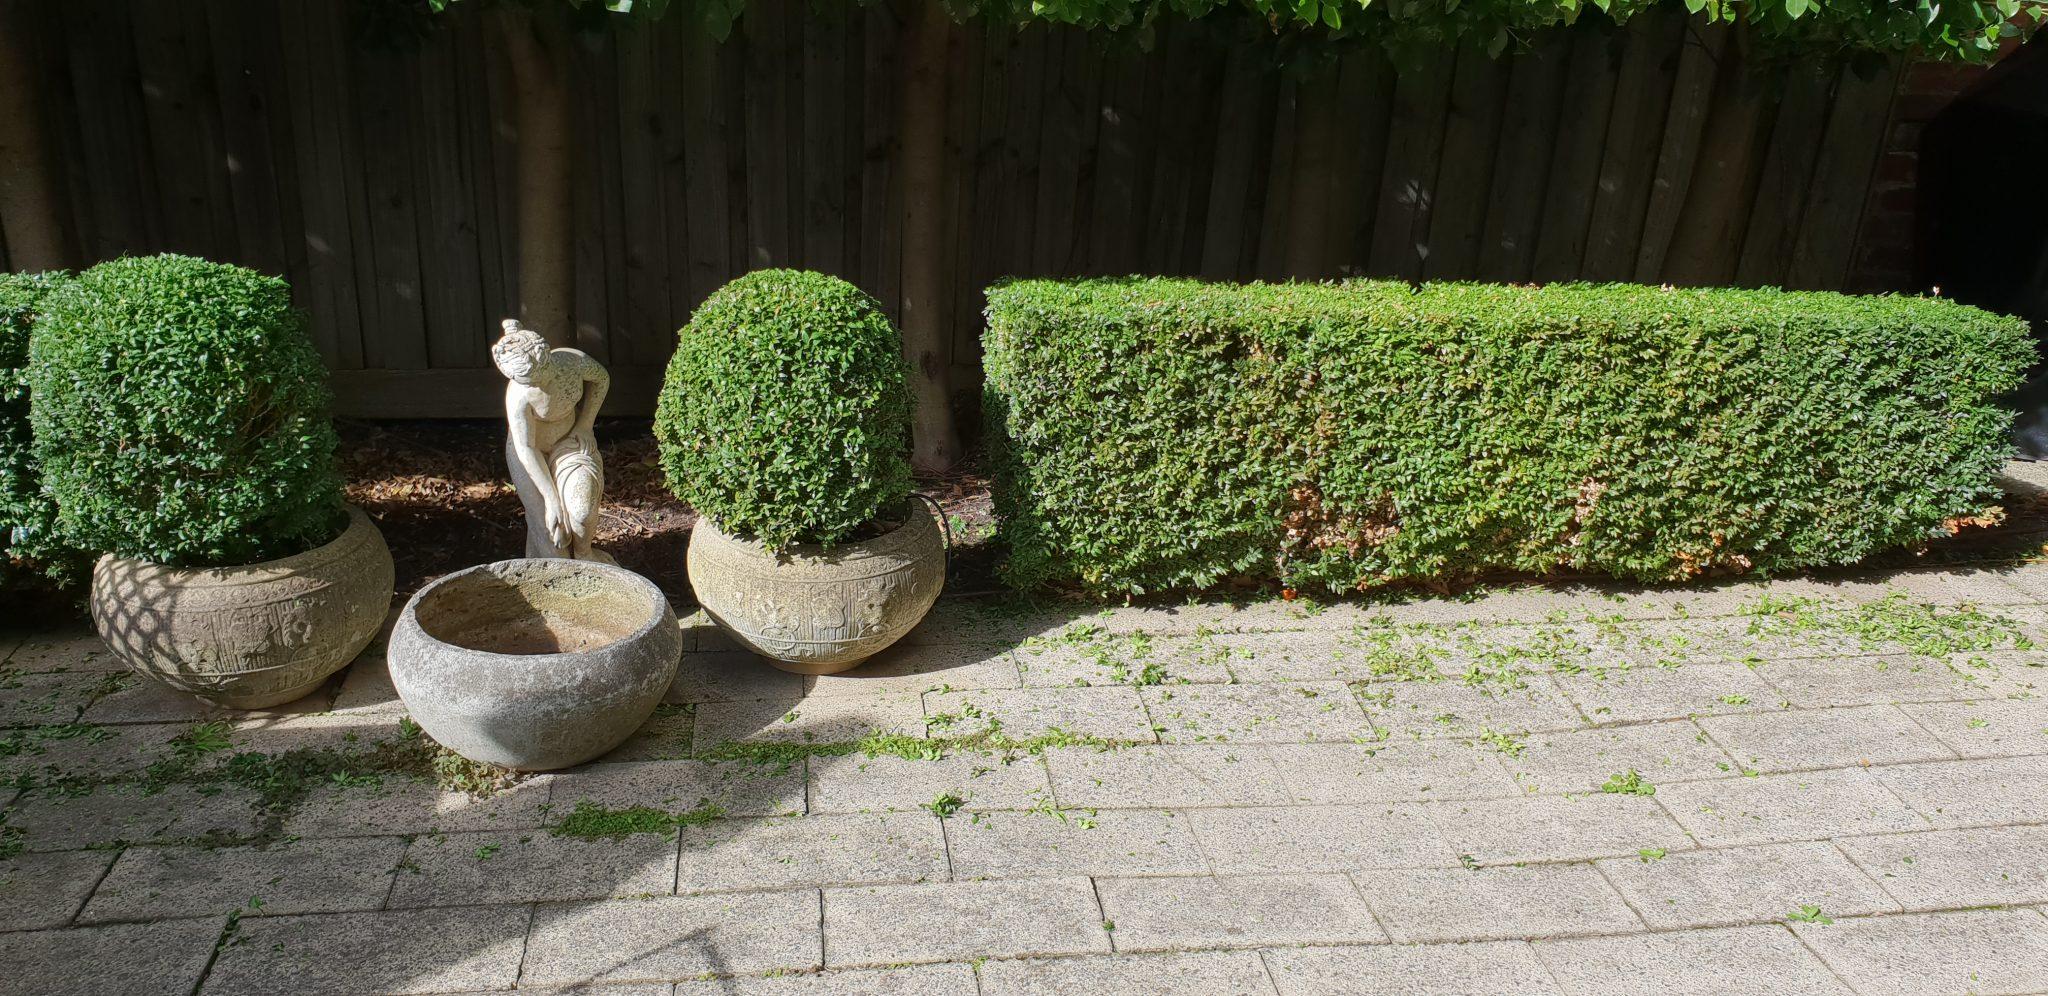 Ben Rickard Horticultural Service